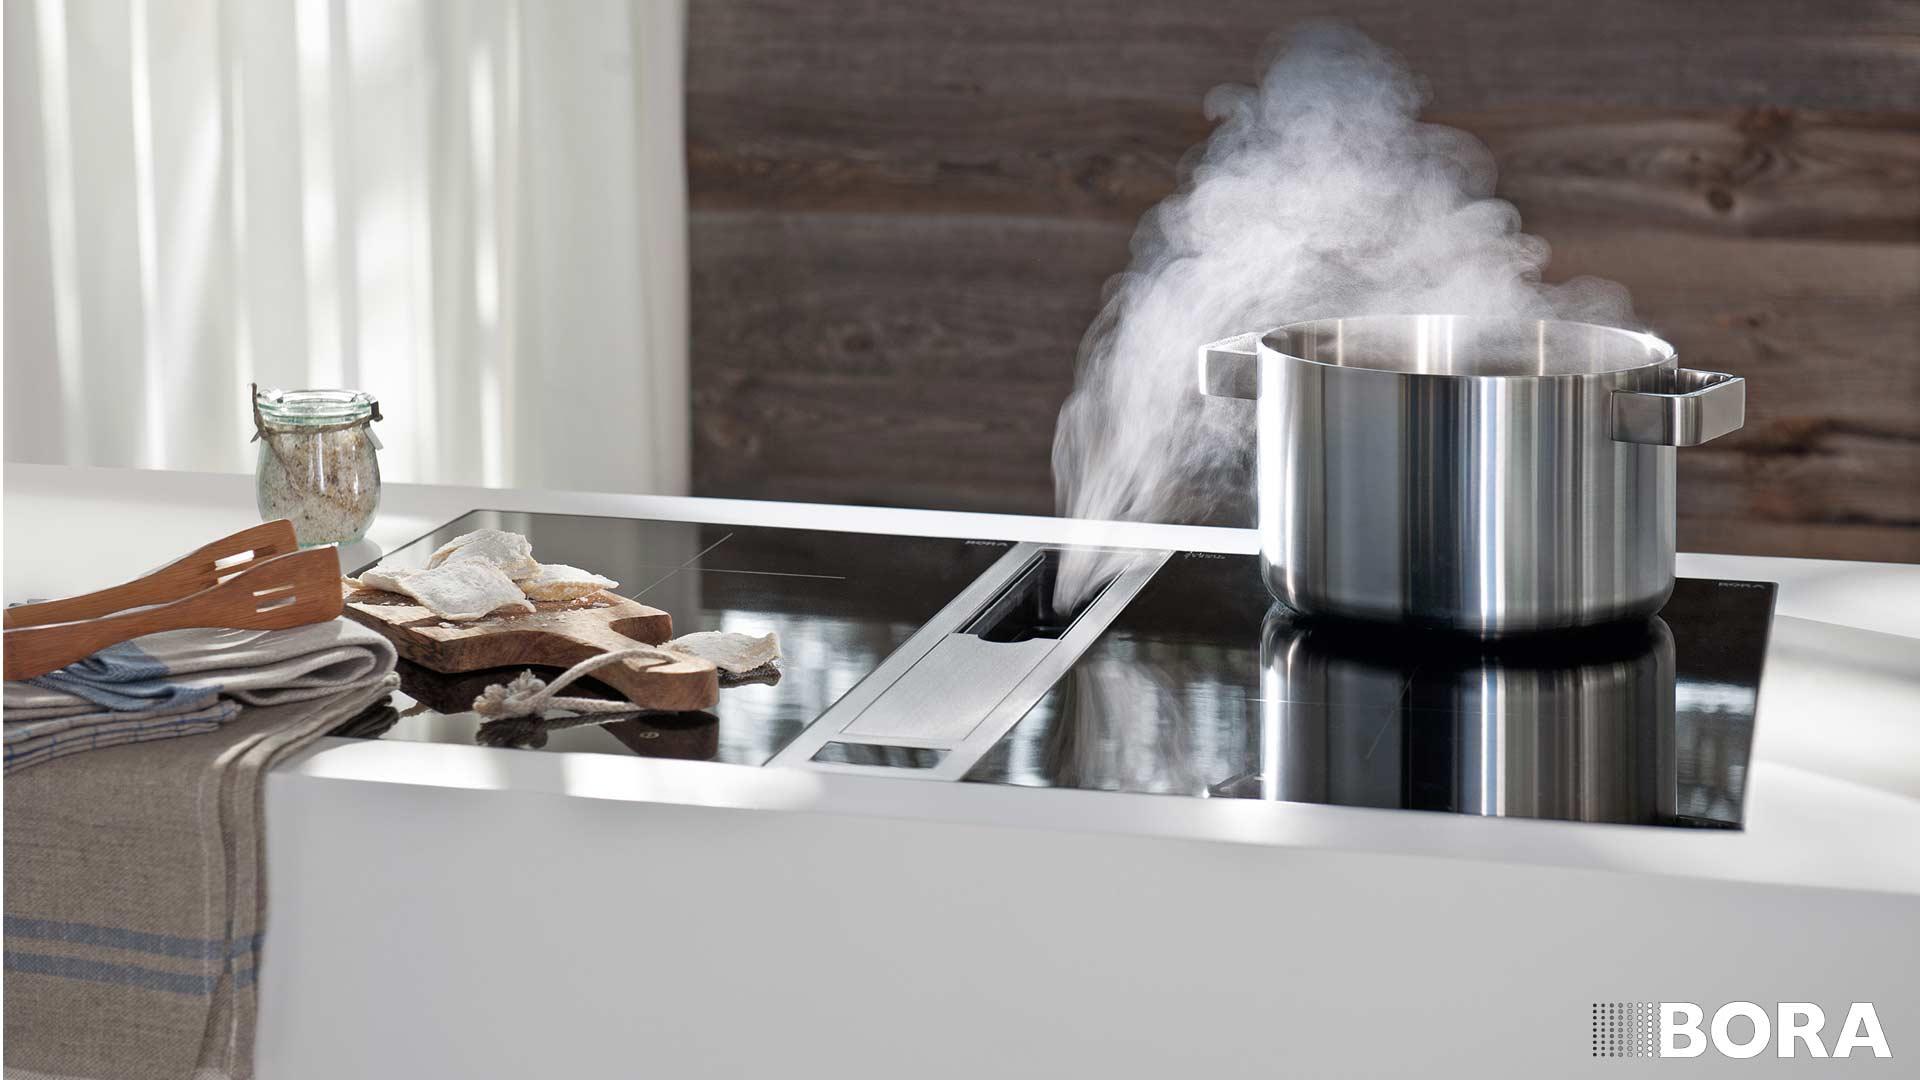 Dunstabzug Nach Unten bora dunstabzüge kühen design in kriftel küchenpartner schubbach